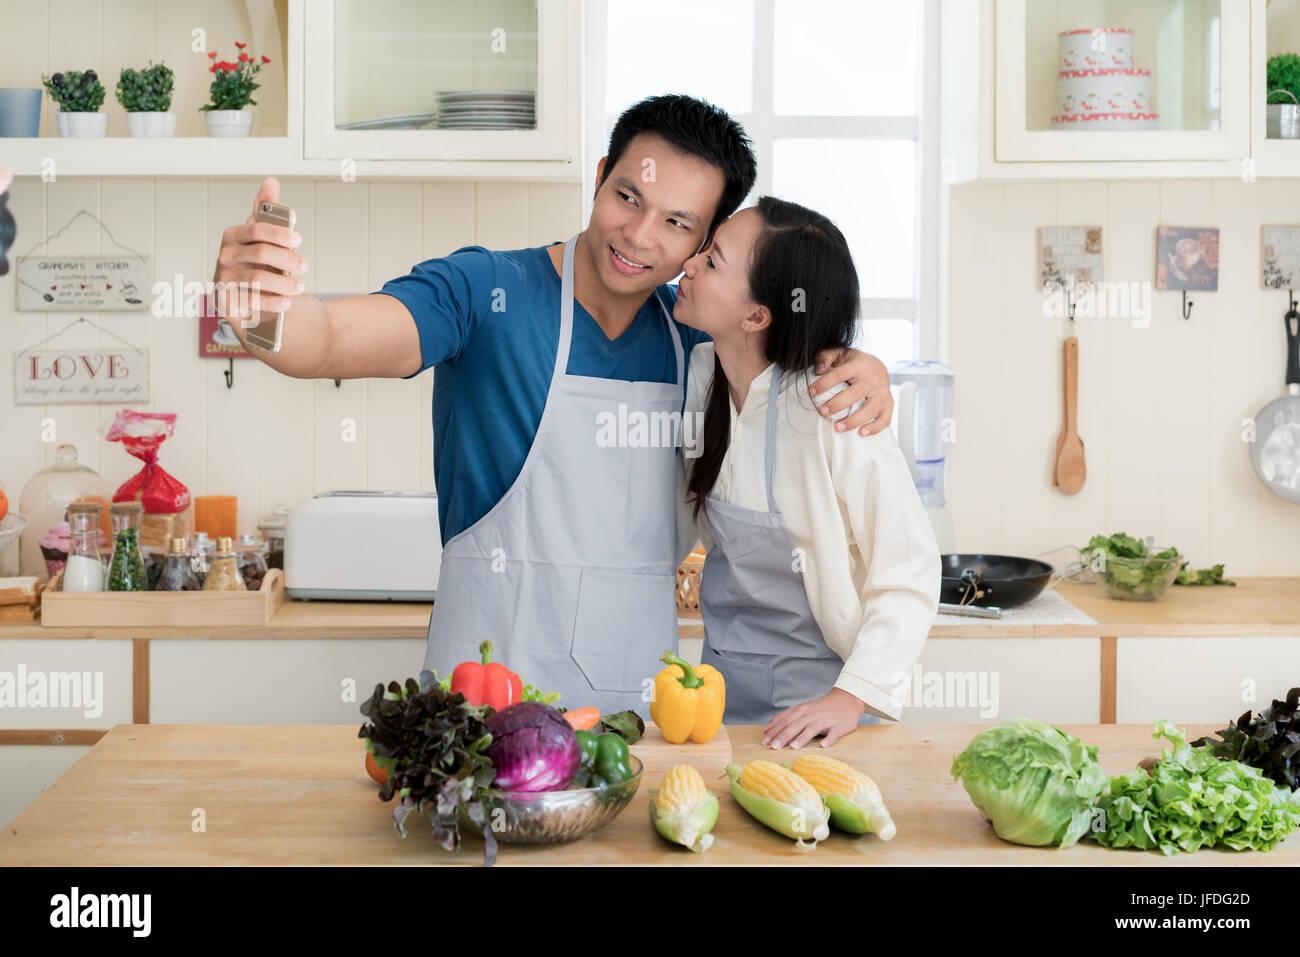 Asiatische gut aussehend Mann lächelt und kochen in der Küche dabei Selfie mit Smartphone zu Hause. Glückliche Stockbild